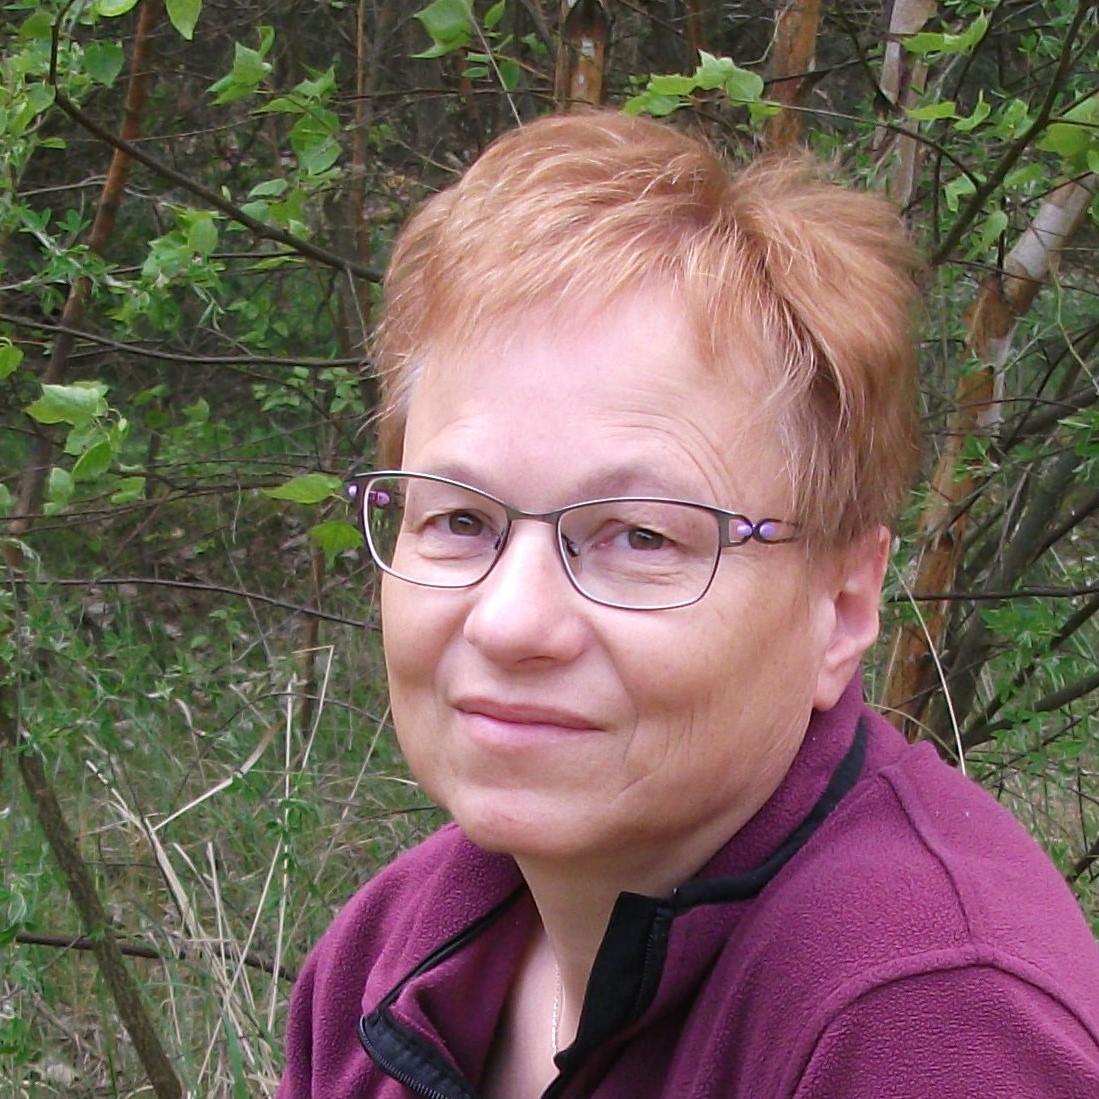 Auf dem Foto steht Sabine Görmar aus 17255 Wesenberg vor einem Hintergrund, der Natur zeigt. Sie hat kurze hellrote Haare und trägt eine lila graue Brille. Außerdem trägt sie eine lila farbene Strickjacke.